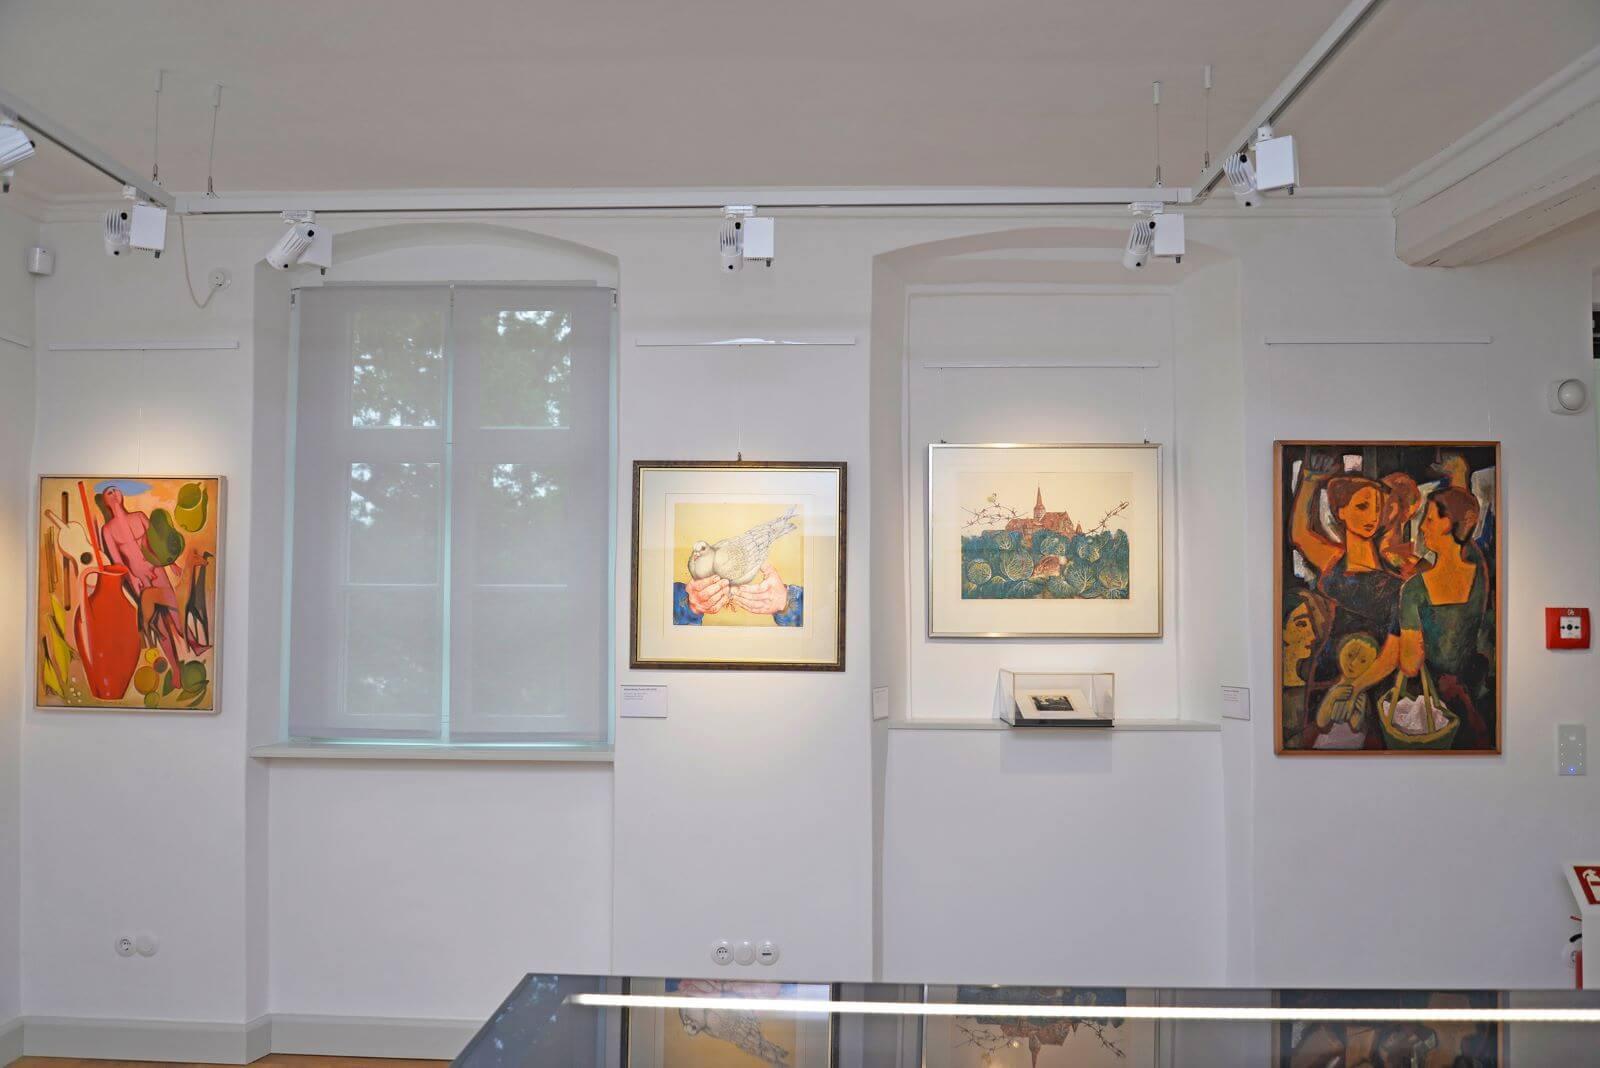 Generationen künstlerischen Schaffens. 120 Jahre Kunst aus Nürnberg, Weißes Schloss Heroldsberg, 17.09.2021-8.5.2022